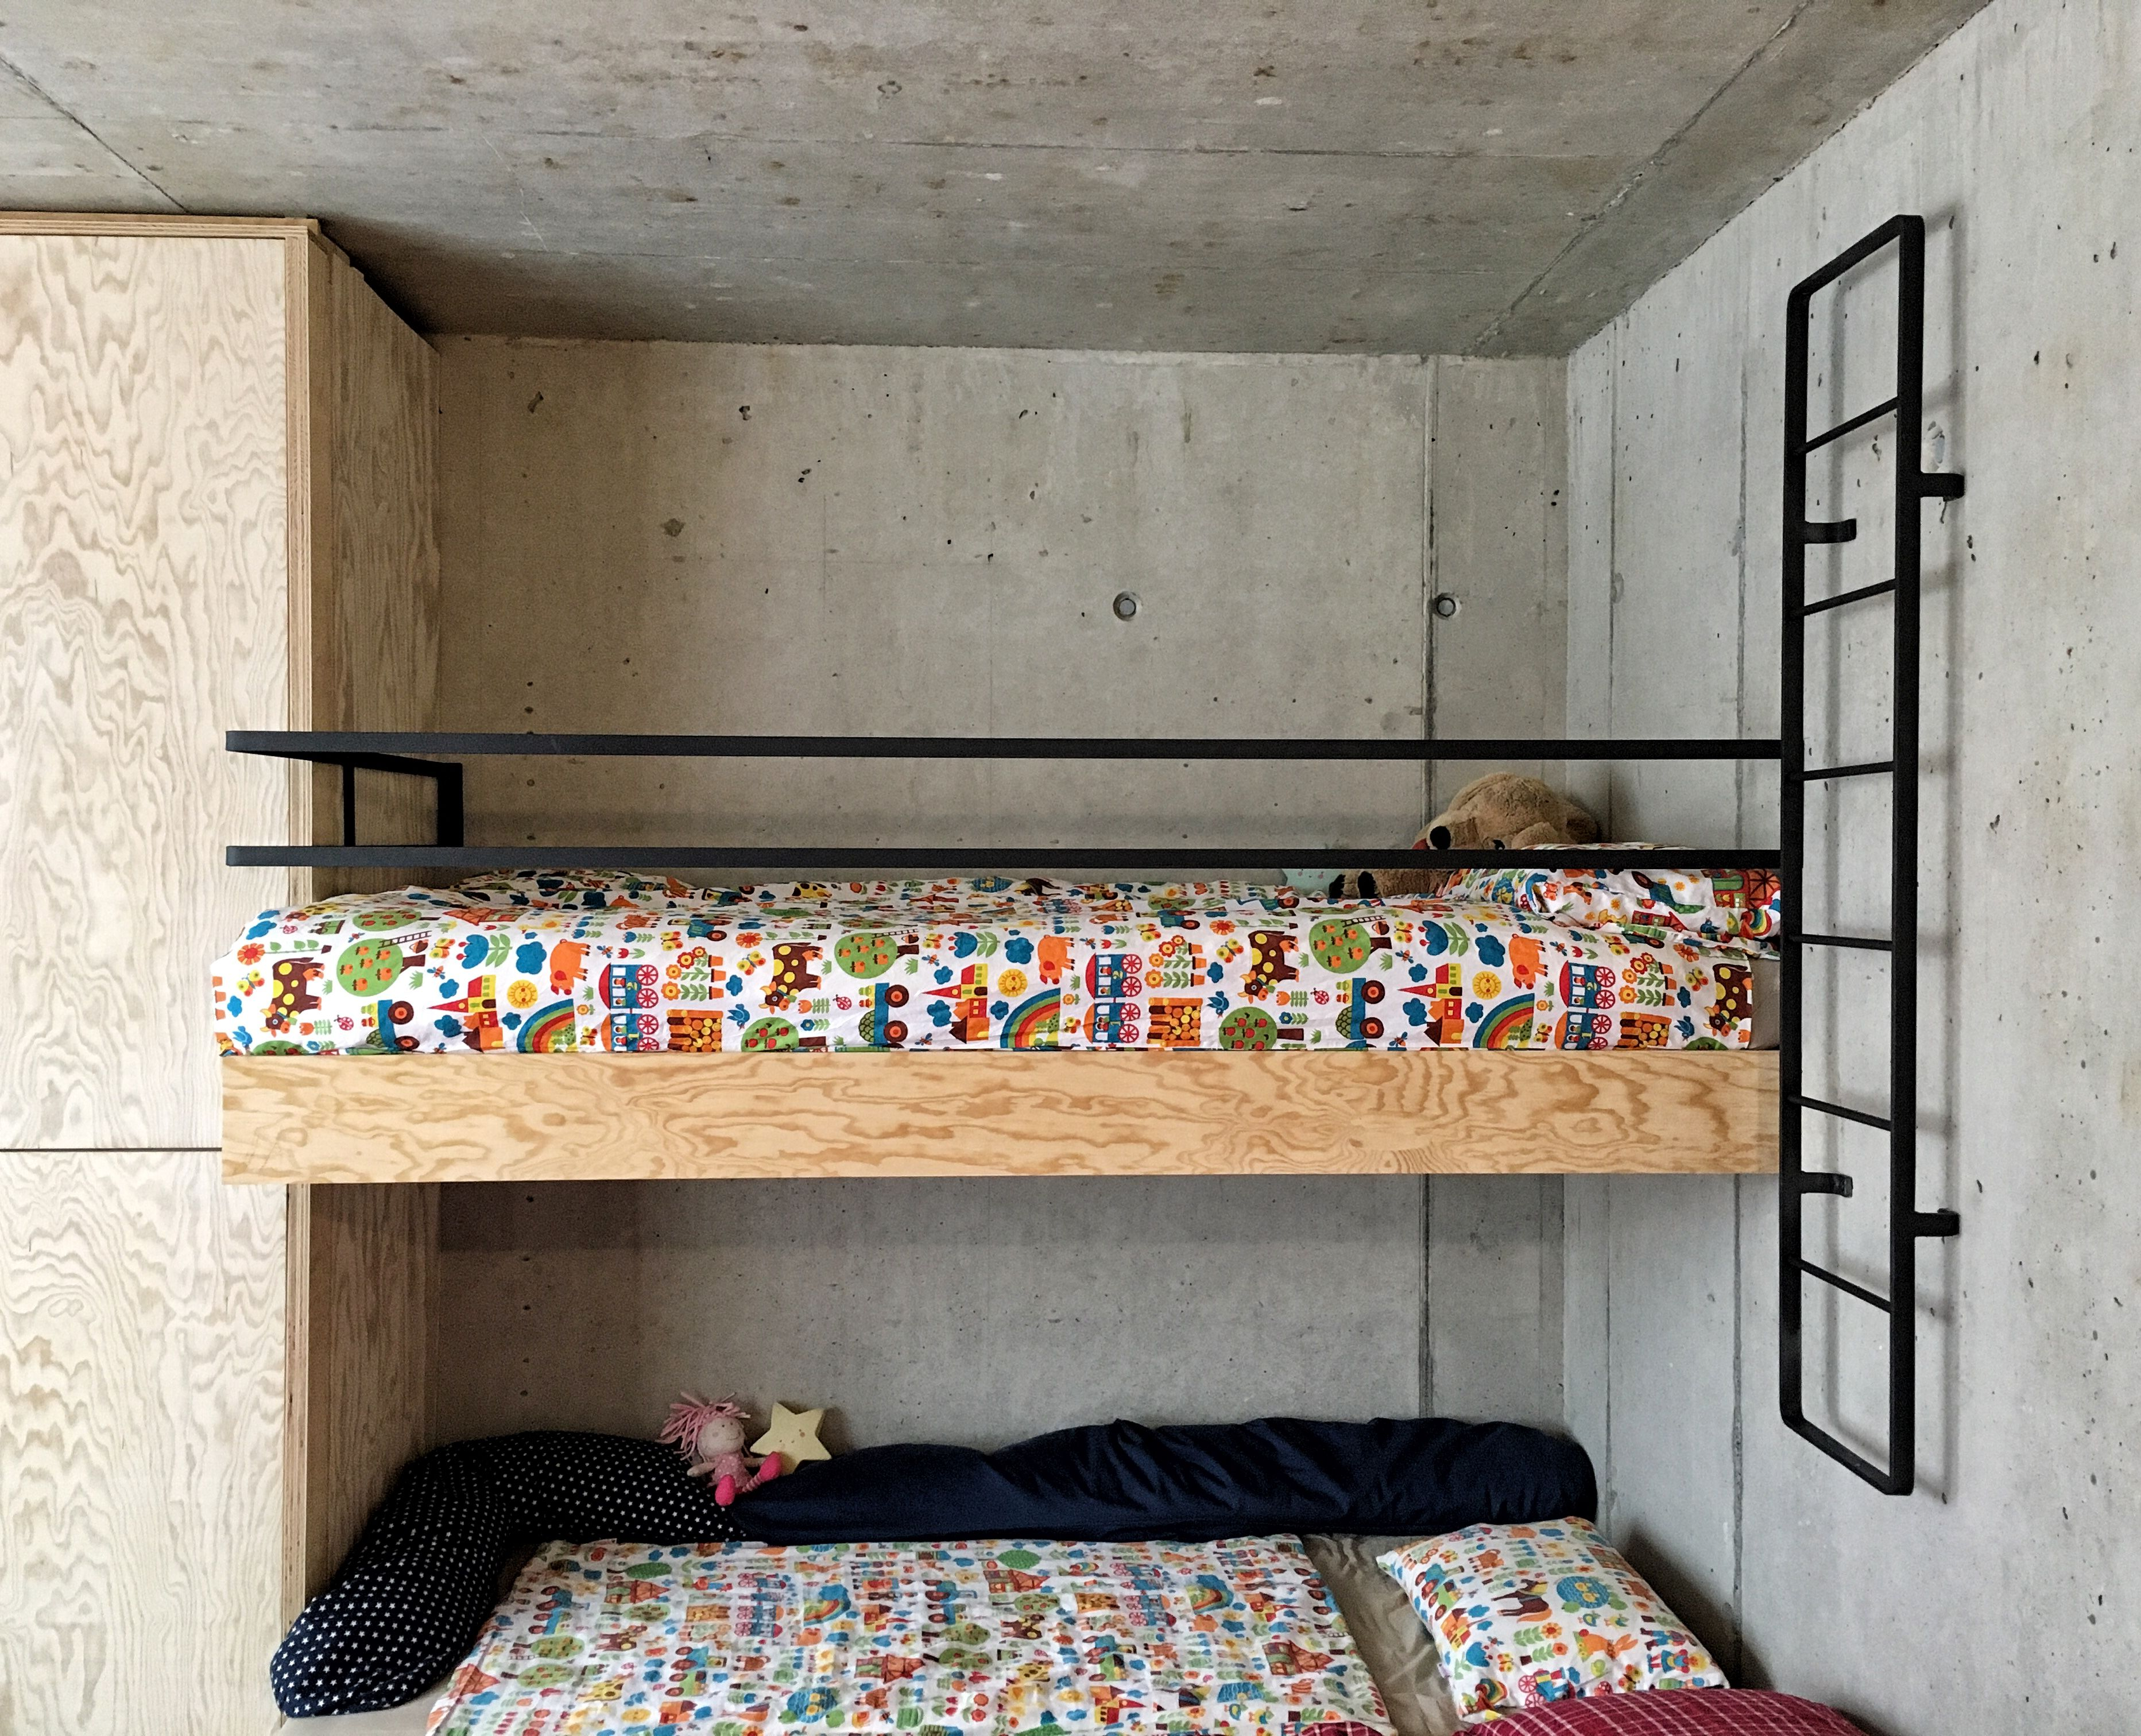 Etagenbett Absturzsicherung : Ein hochbett gemacht aus seekiefer die absturzsicherung und